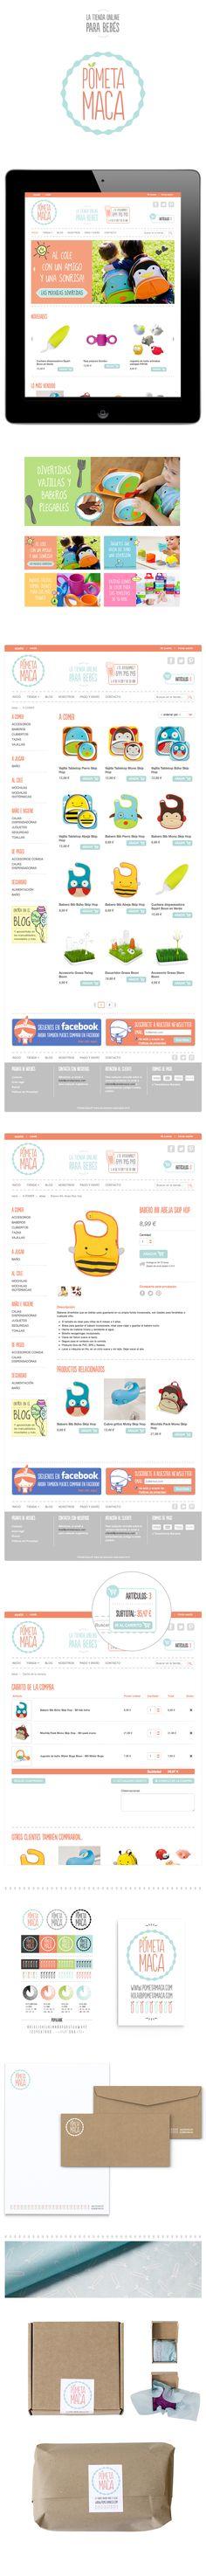 Web design and branding design for Pometa Maca, the online store for babies.  http://mireiajane.com/81813/1335763/works/pometa-maca